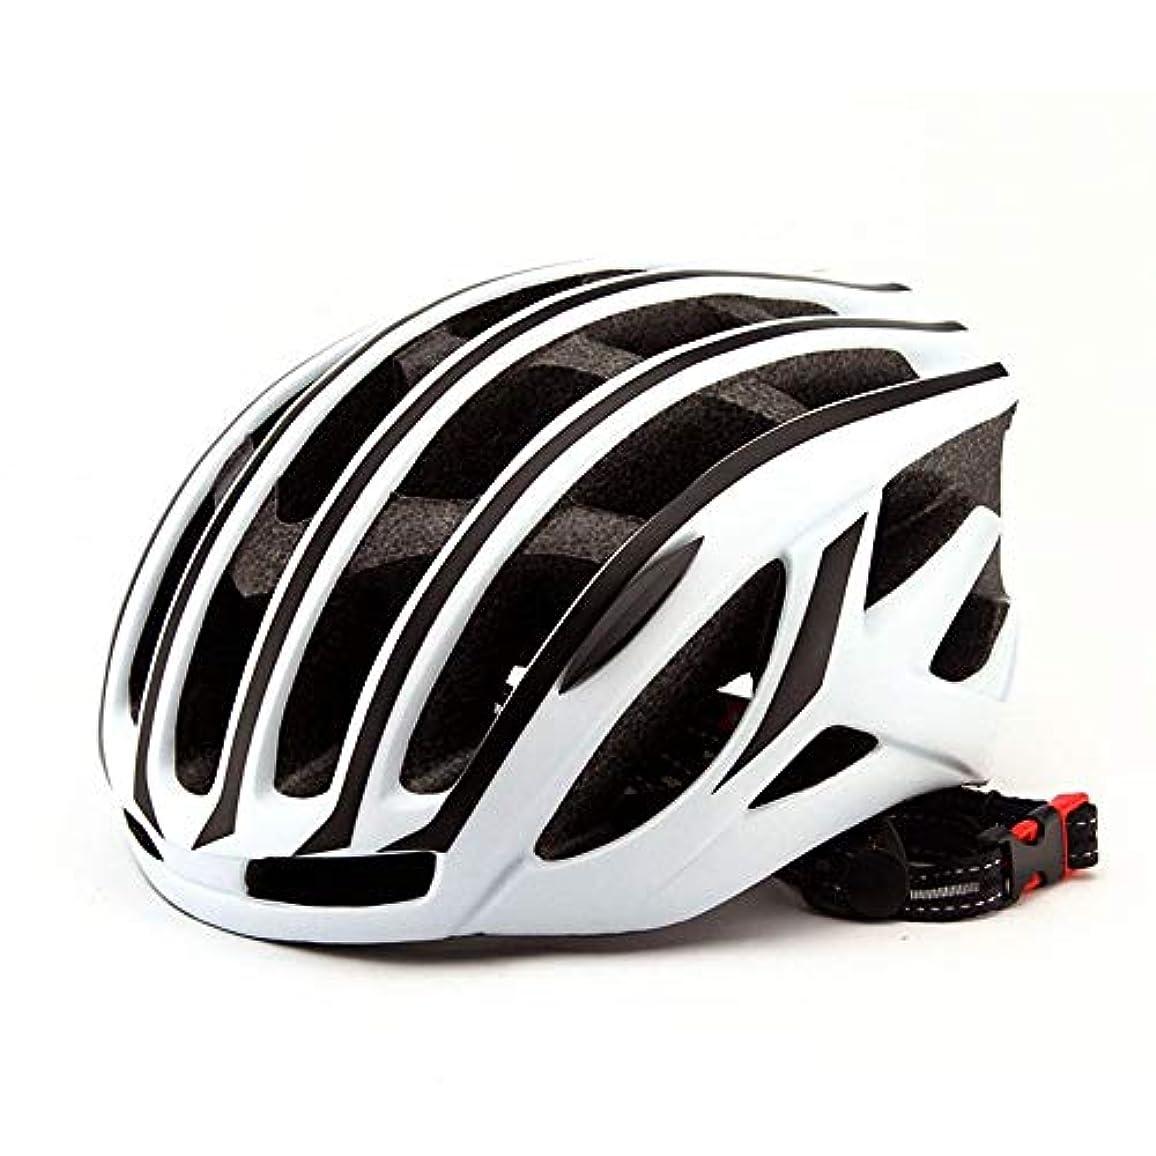 もろい知覚的サンダースHYH 自転車用ヘルメット男性と女性の空気圧式ヘルメットマウンテンバイク用ヘルメット自転車スポーツ用ヘルメット通気性快適性 いい人生 (Color : White black)